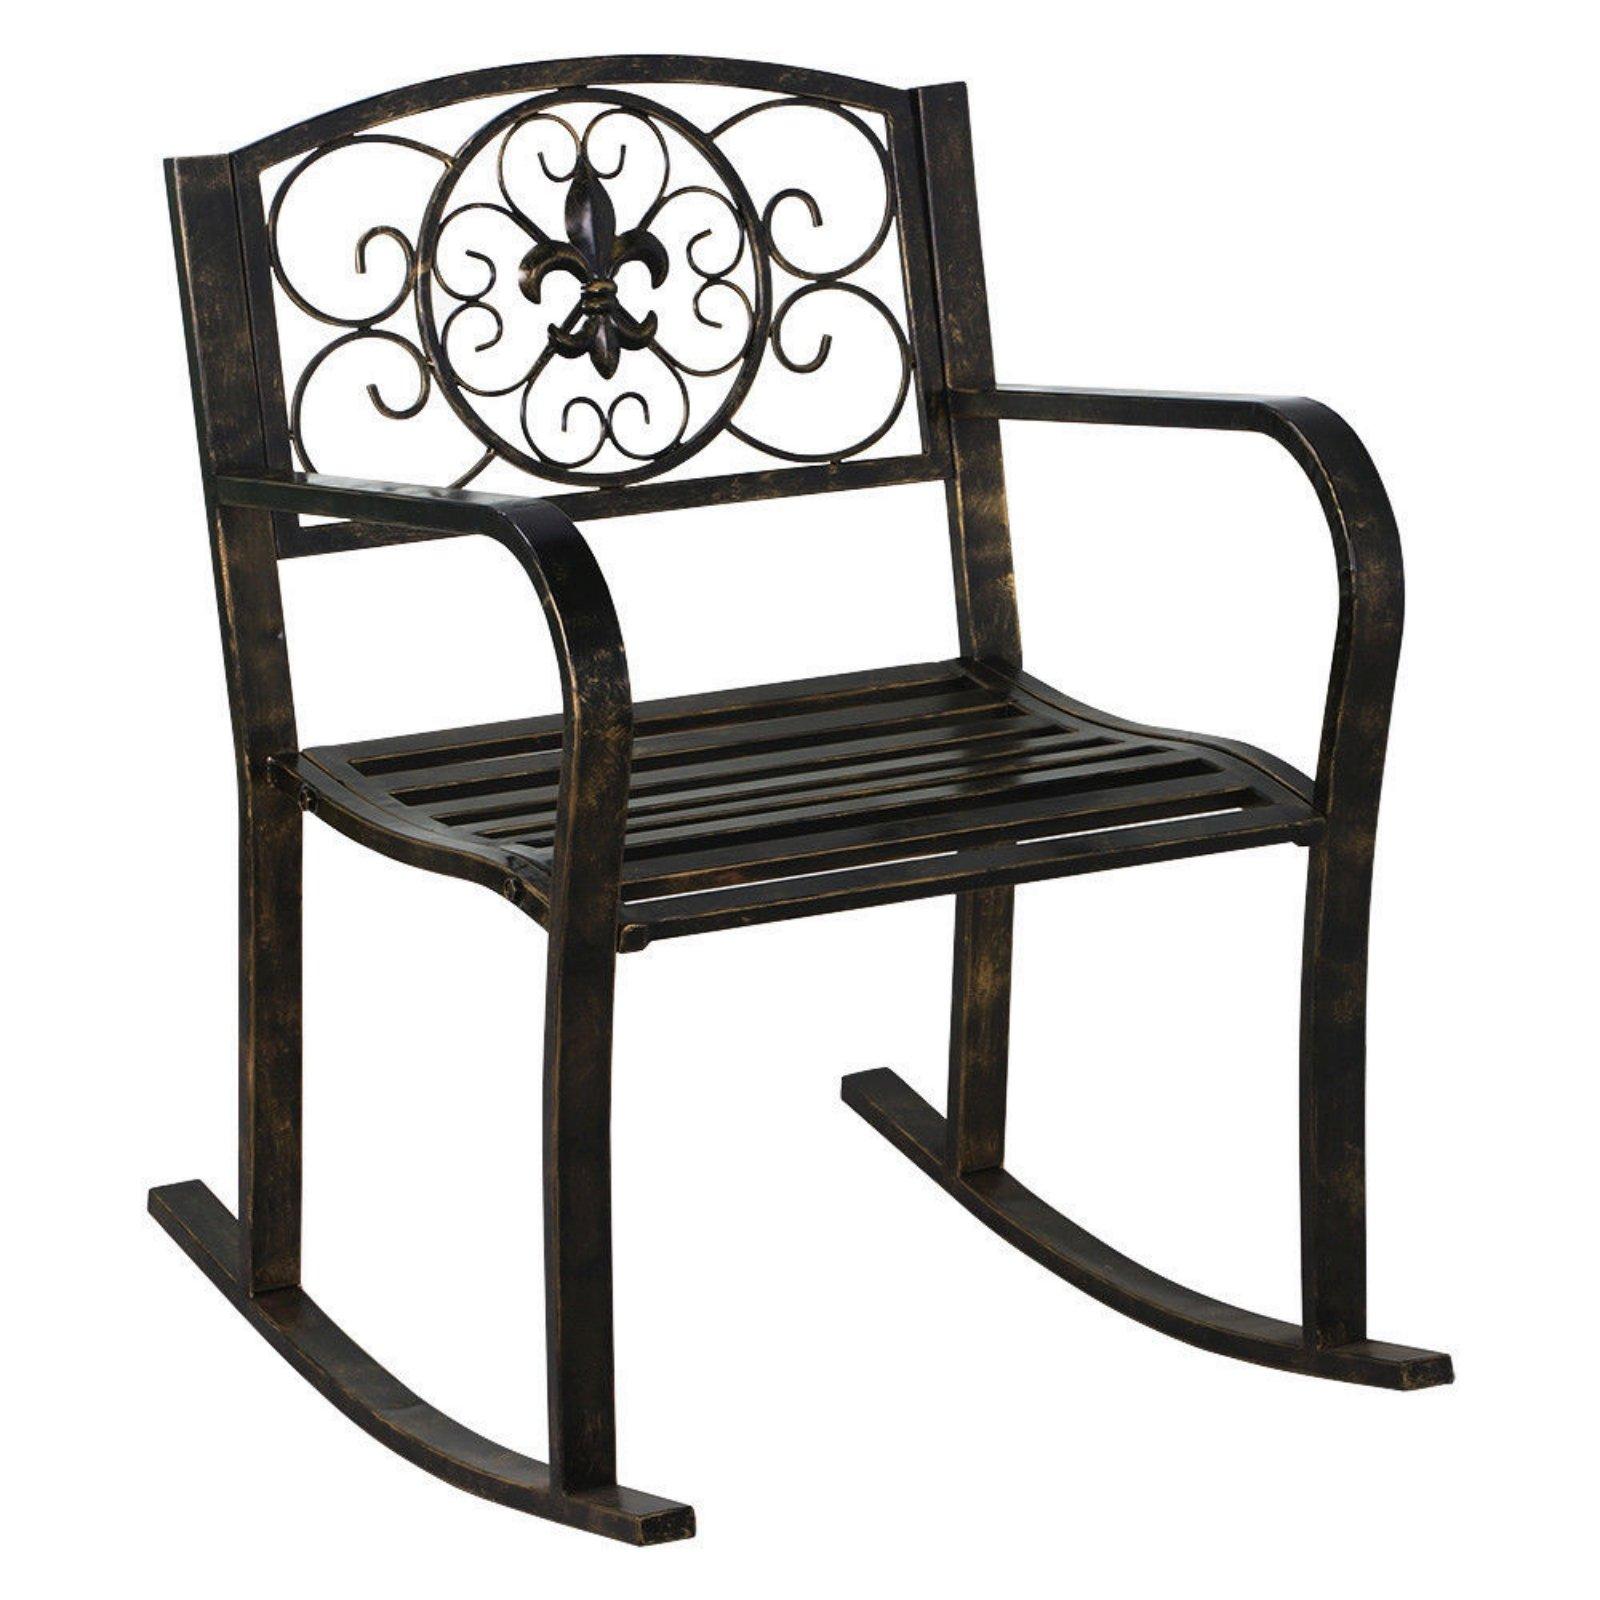 Outdoor Patio Metal Rocking Chair Porch Garden Seat Deck Backyard Glider Rocker New #224 by koonlertshop